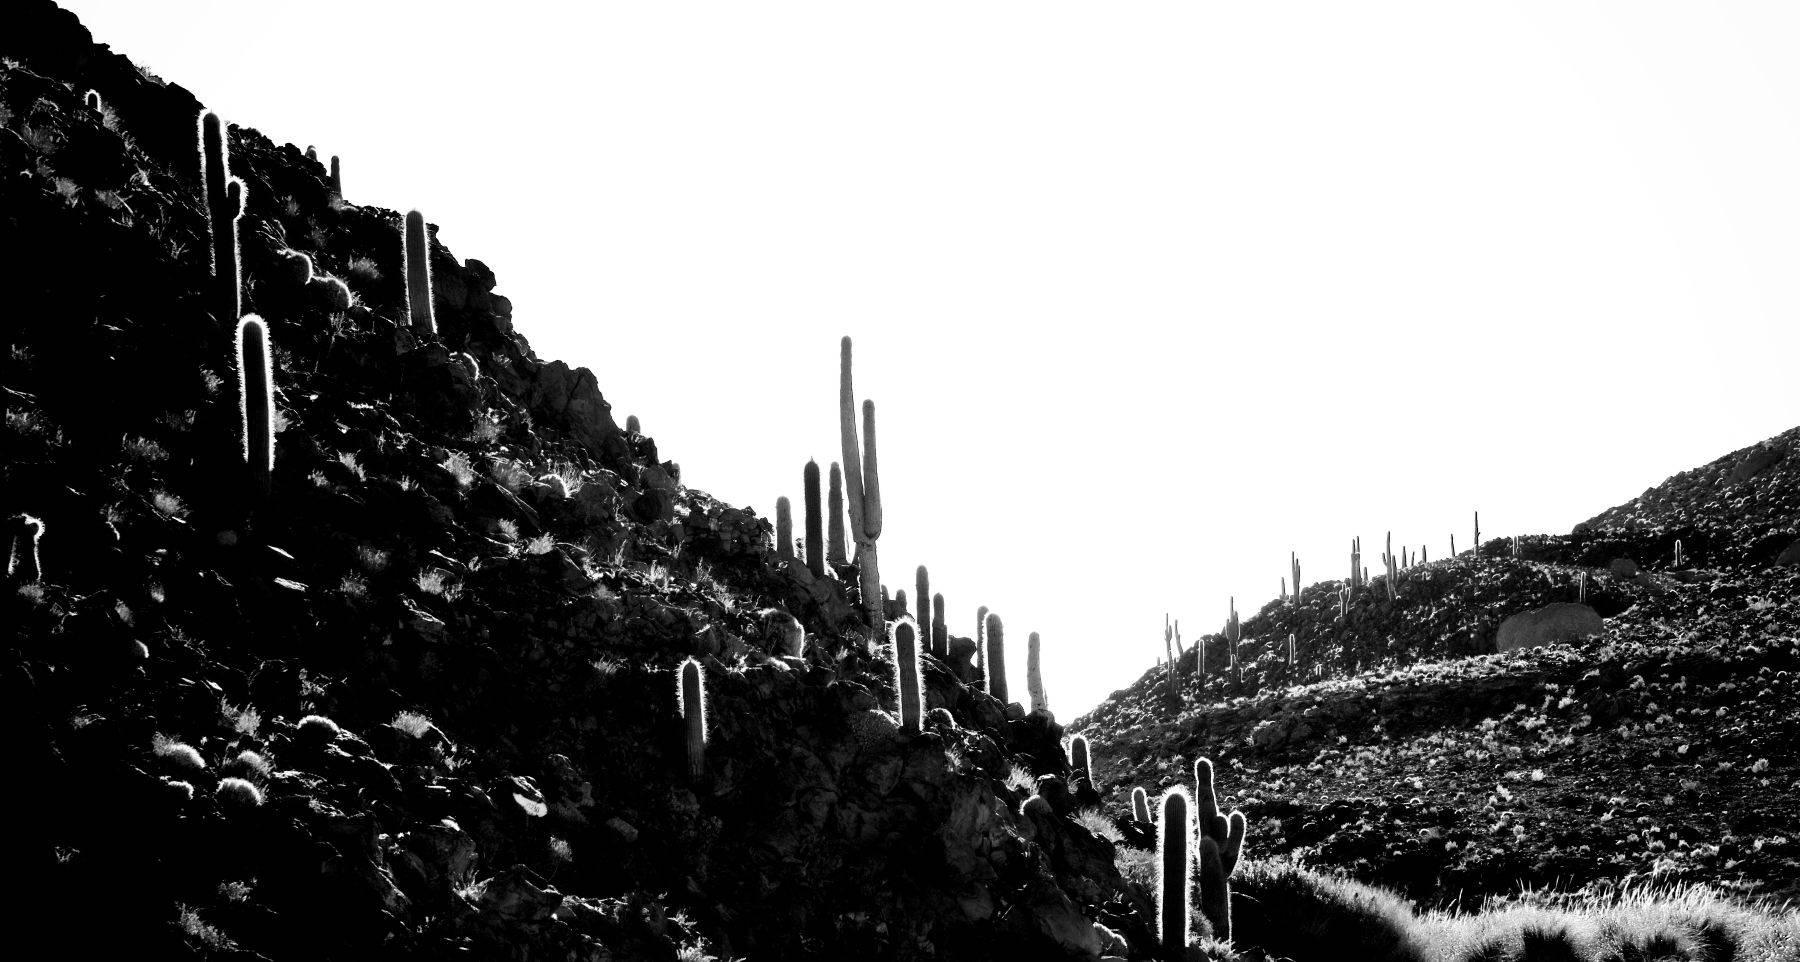 Cactus Forest Atacama Desert, Chile